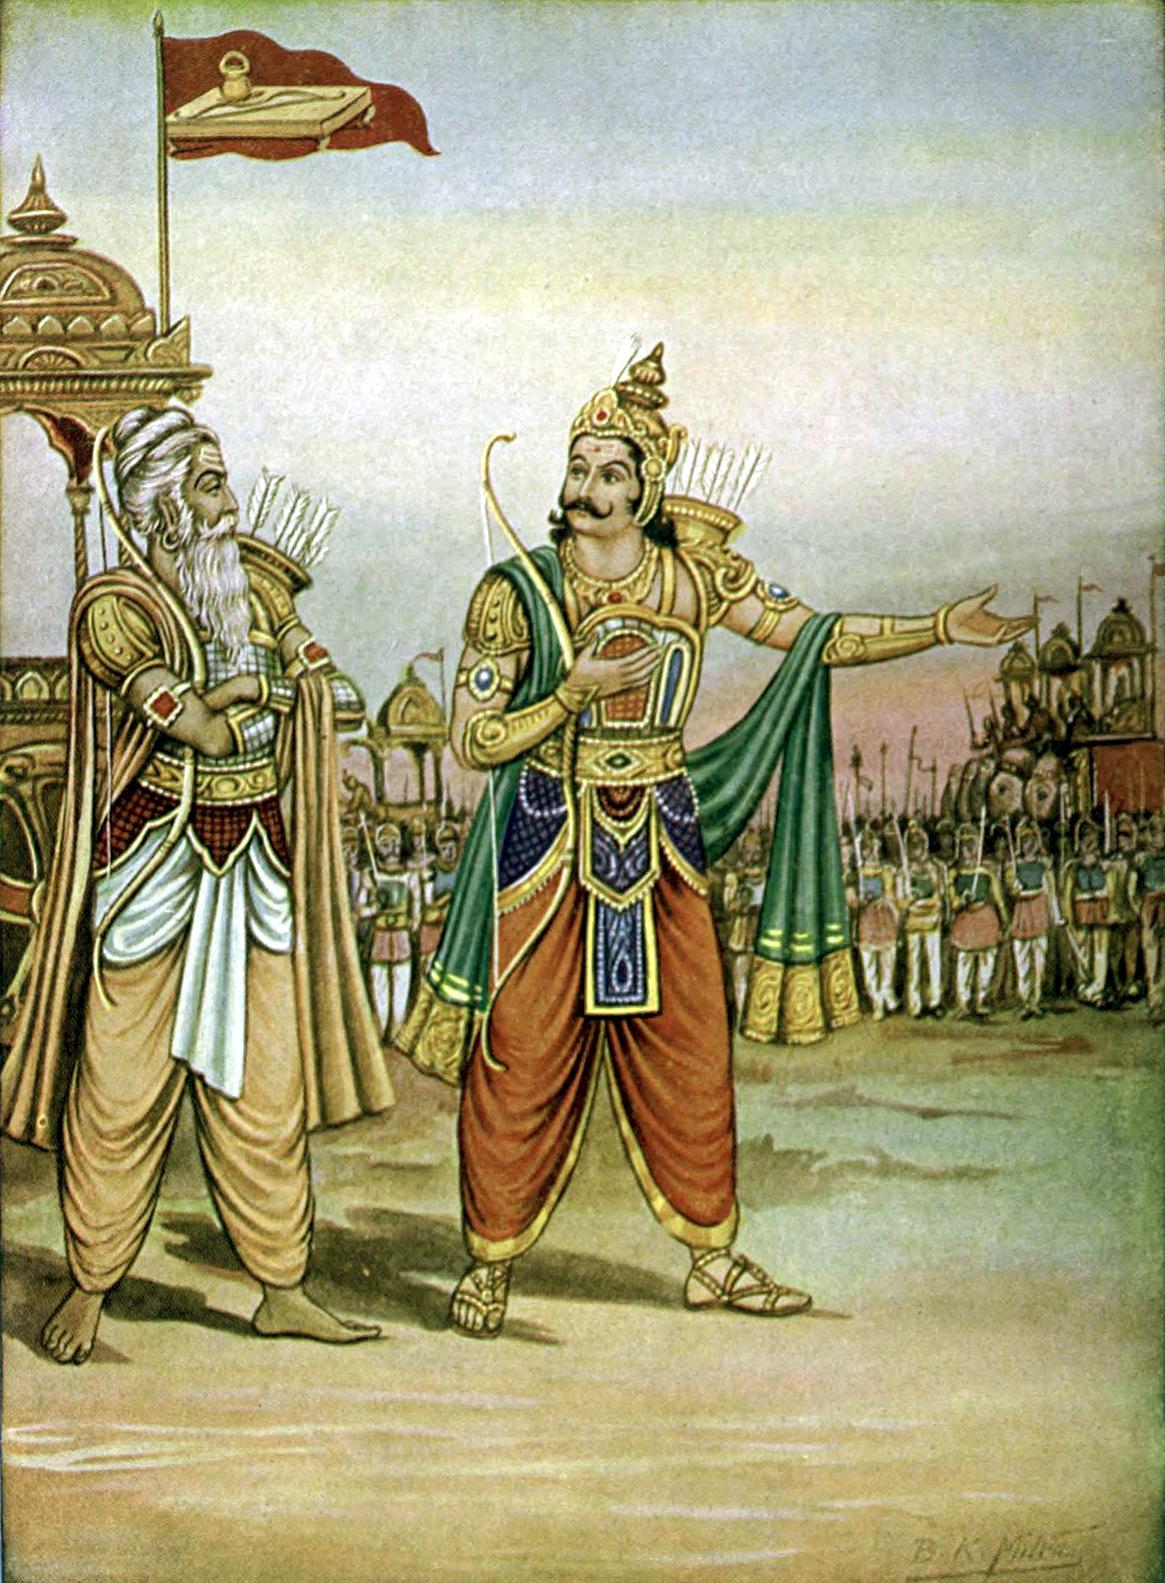 БГ 1-02 - Дурйодхана показывает армии на Курукшетре Дроначарье